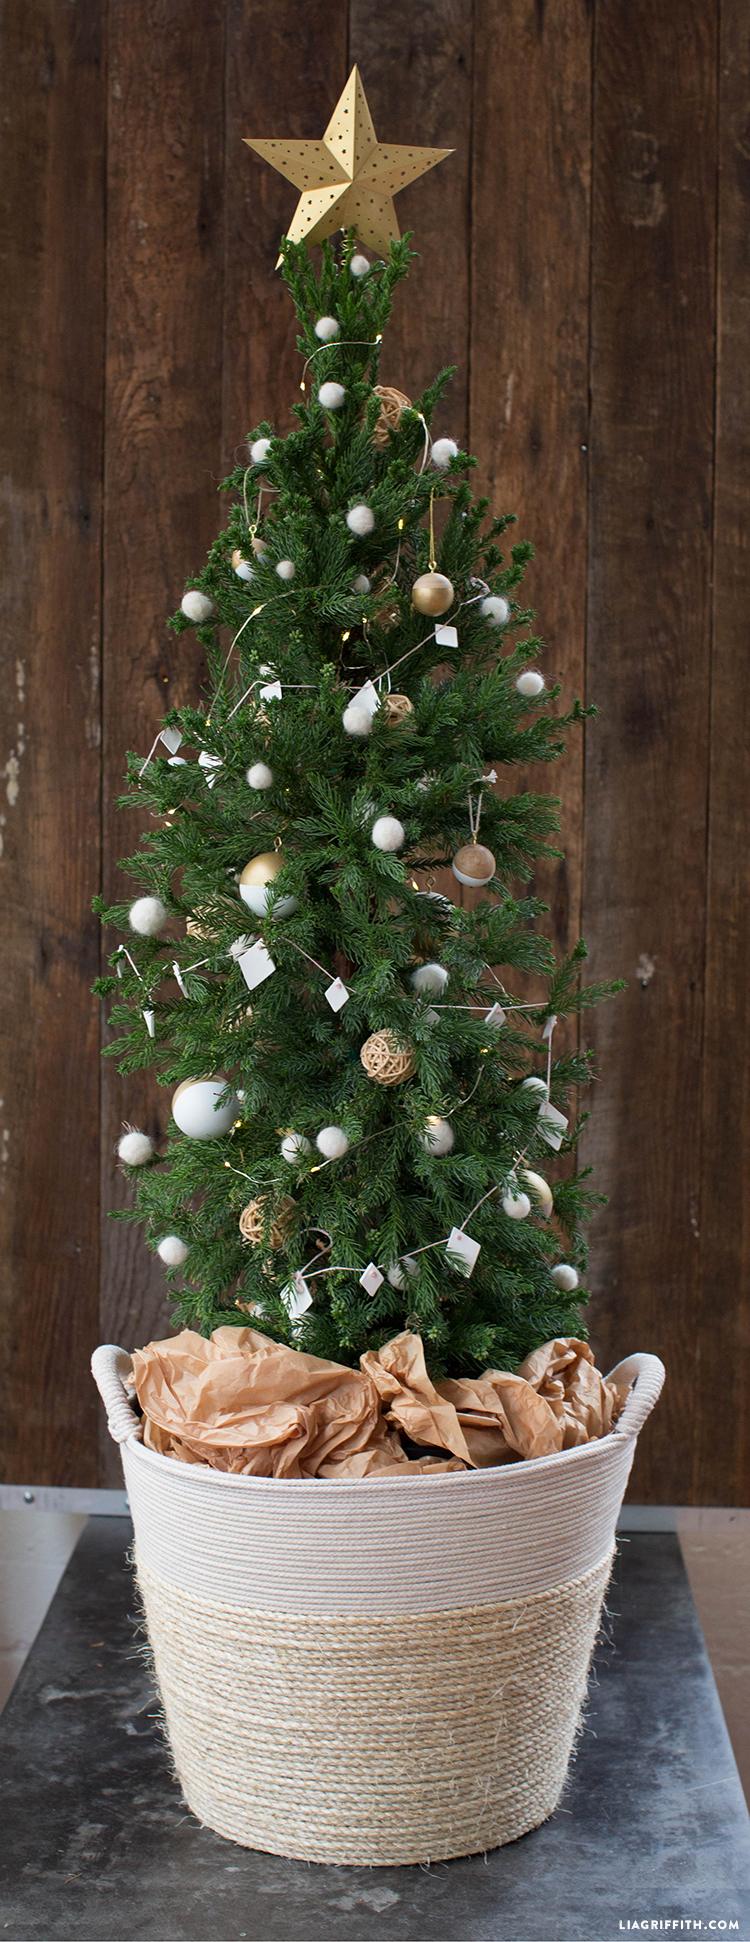 diy holiday tree basket diy christmas